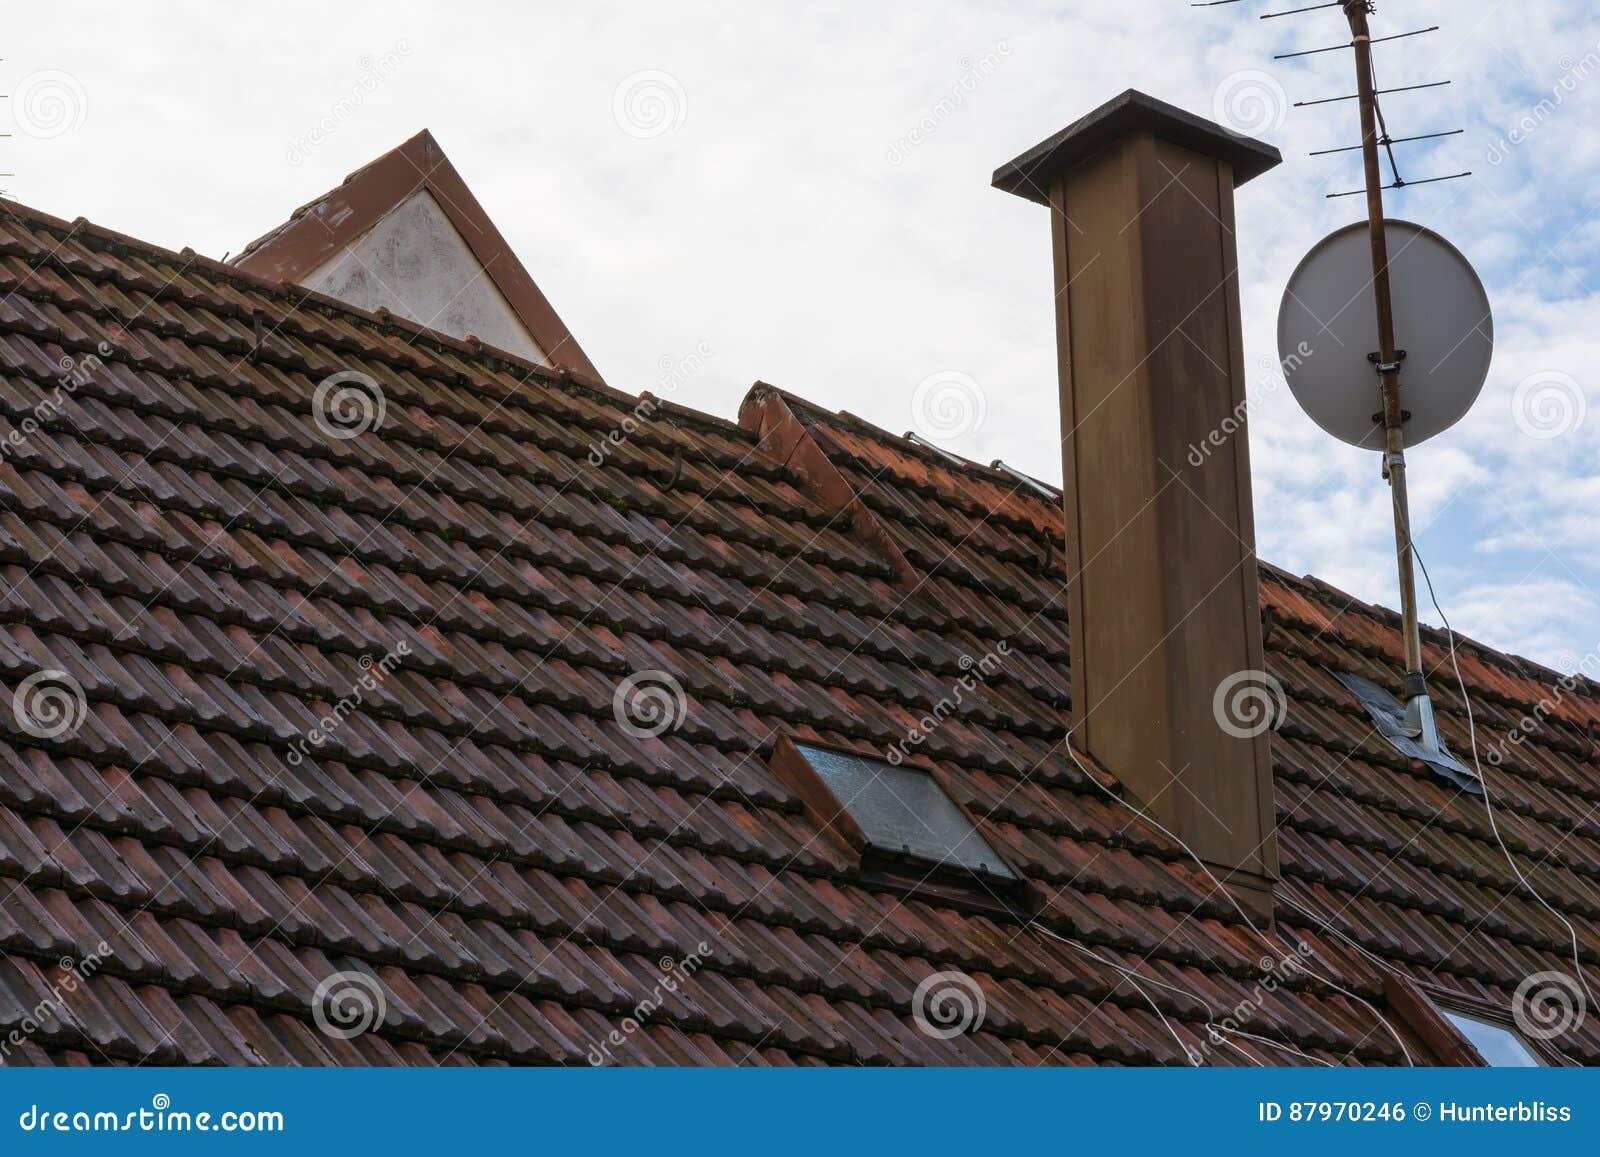 RO résidentiel orange européen d antenne parabolique de cheminée de tuiles de toit